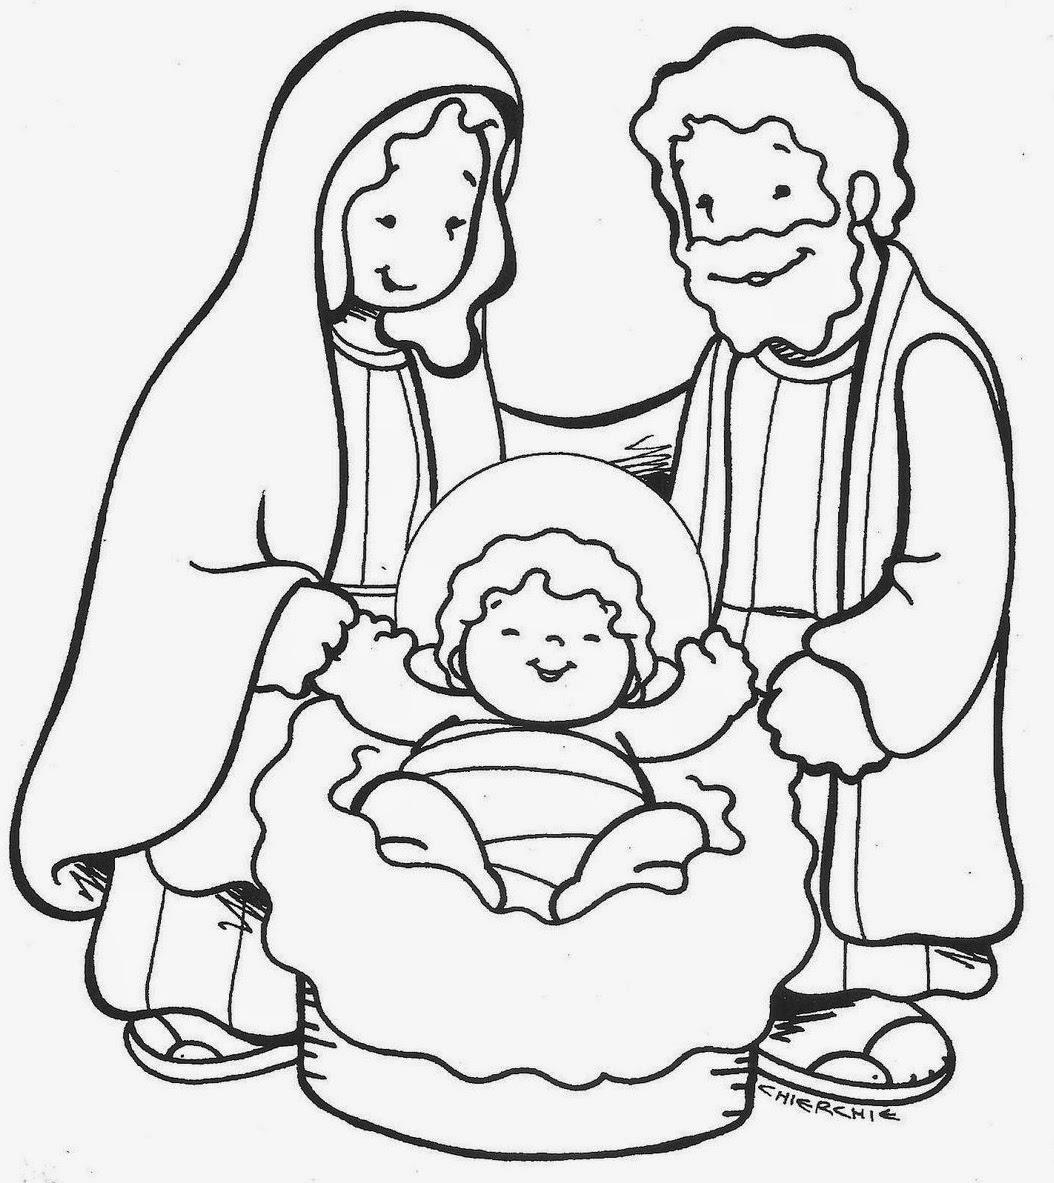 Im genes de navidad para colorear dibujos para ni os - Dibujos de pintar de navidad ...